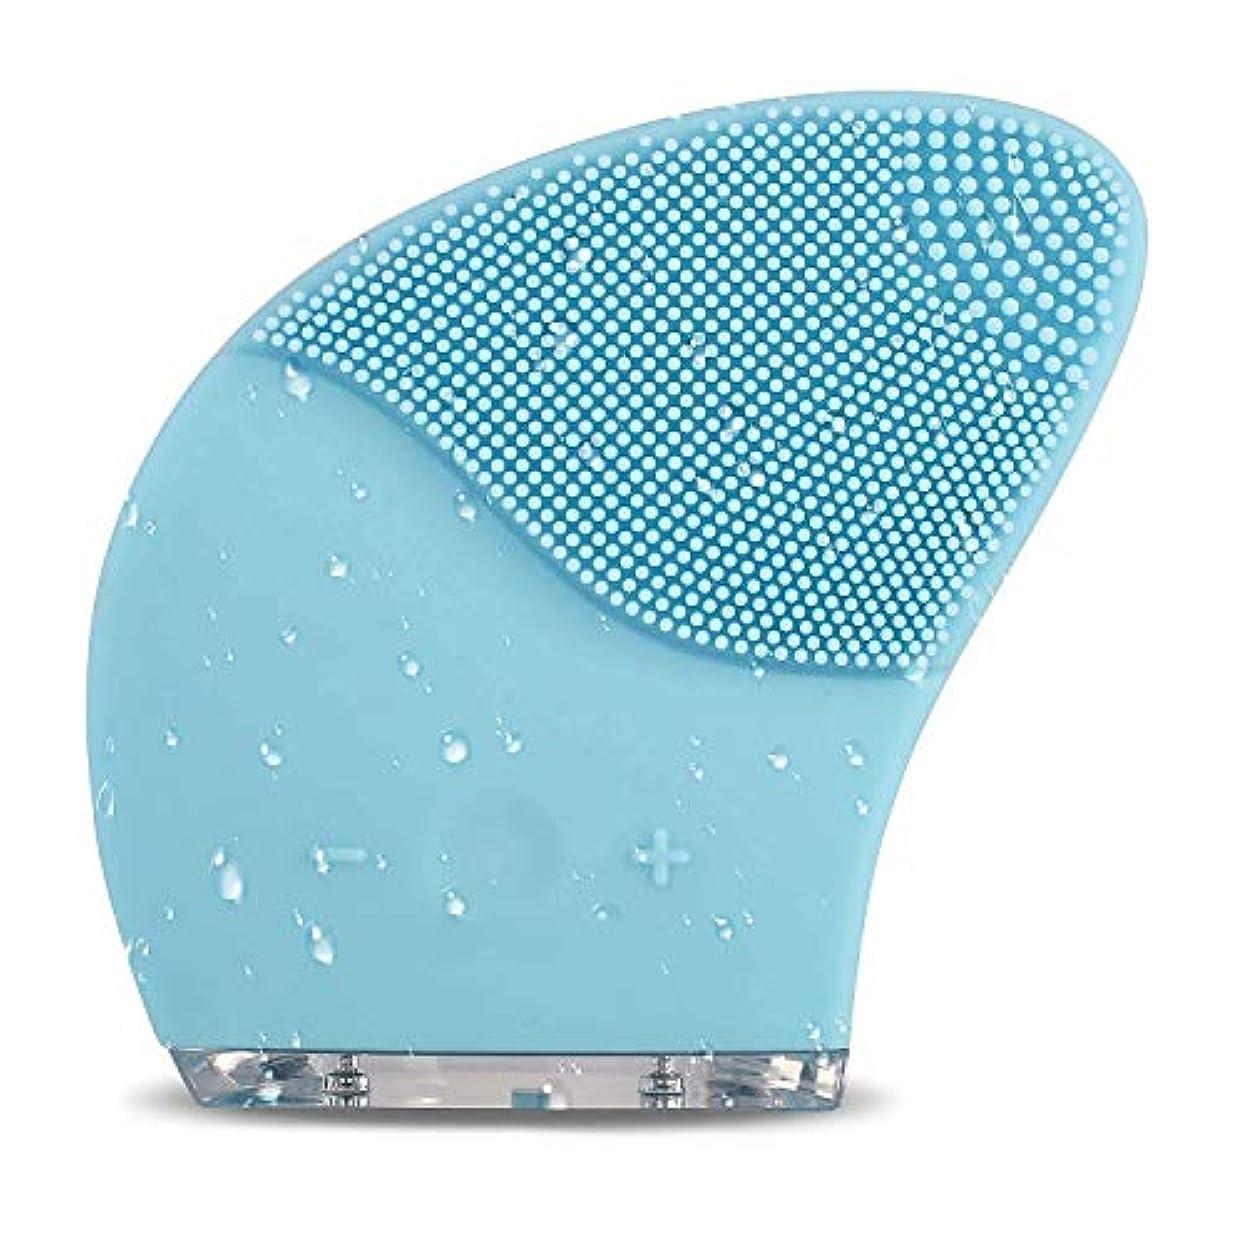 発行する非行炎上フェイシャルクレンジングブラシフェイススクラバーIP66防水電動フェイスクレンザーとすべての肌タイプのマッサージブラシ、USB充電式、青